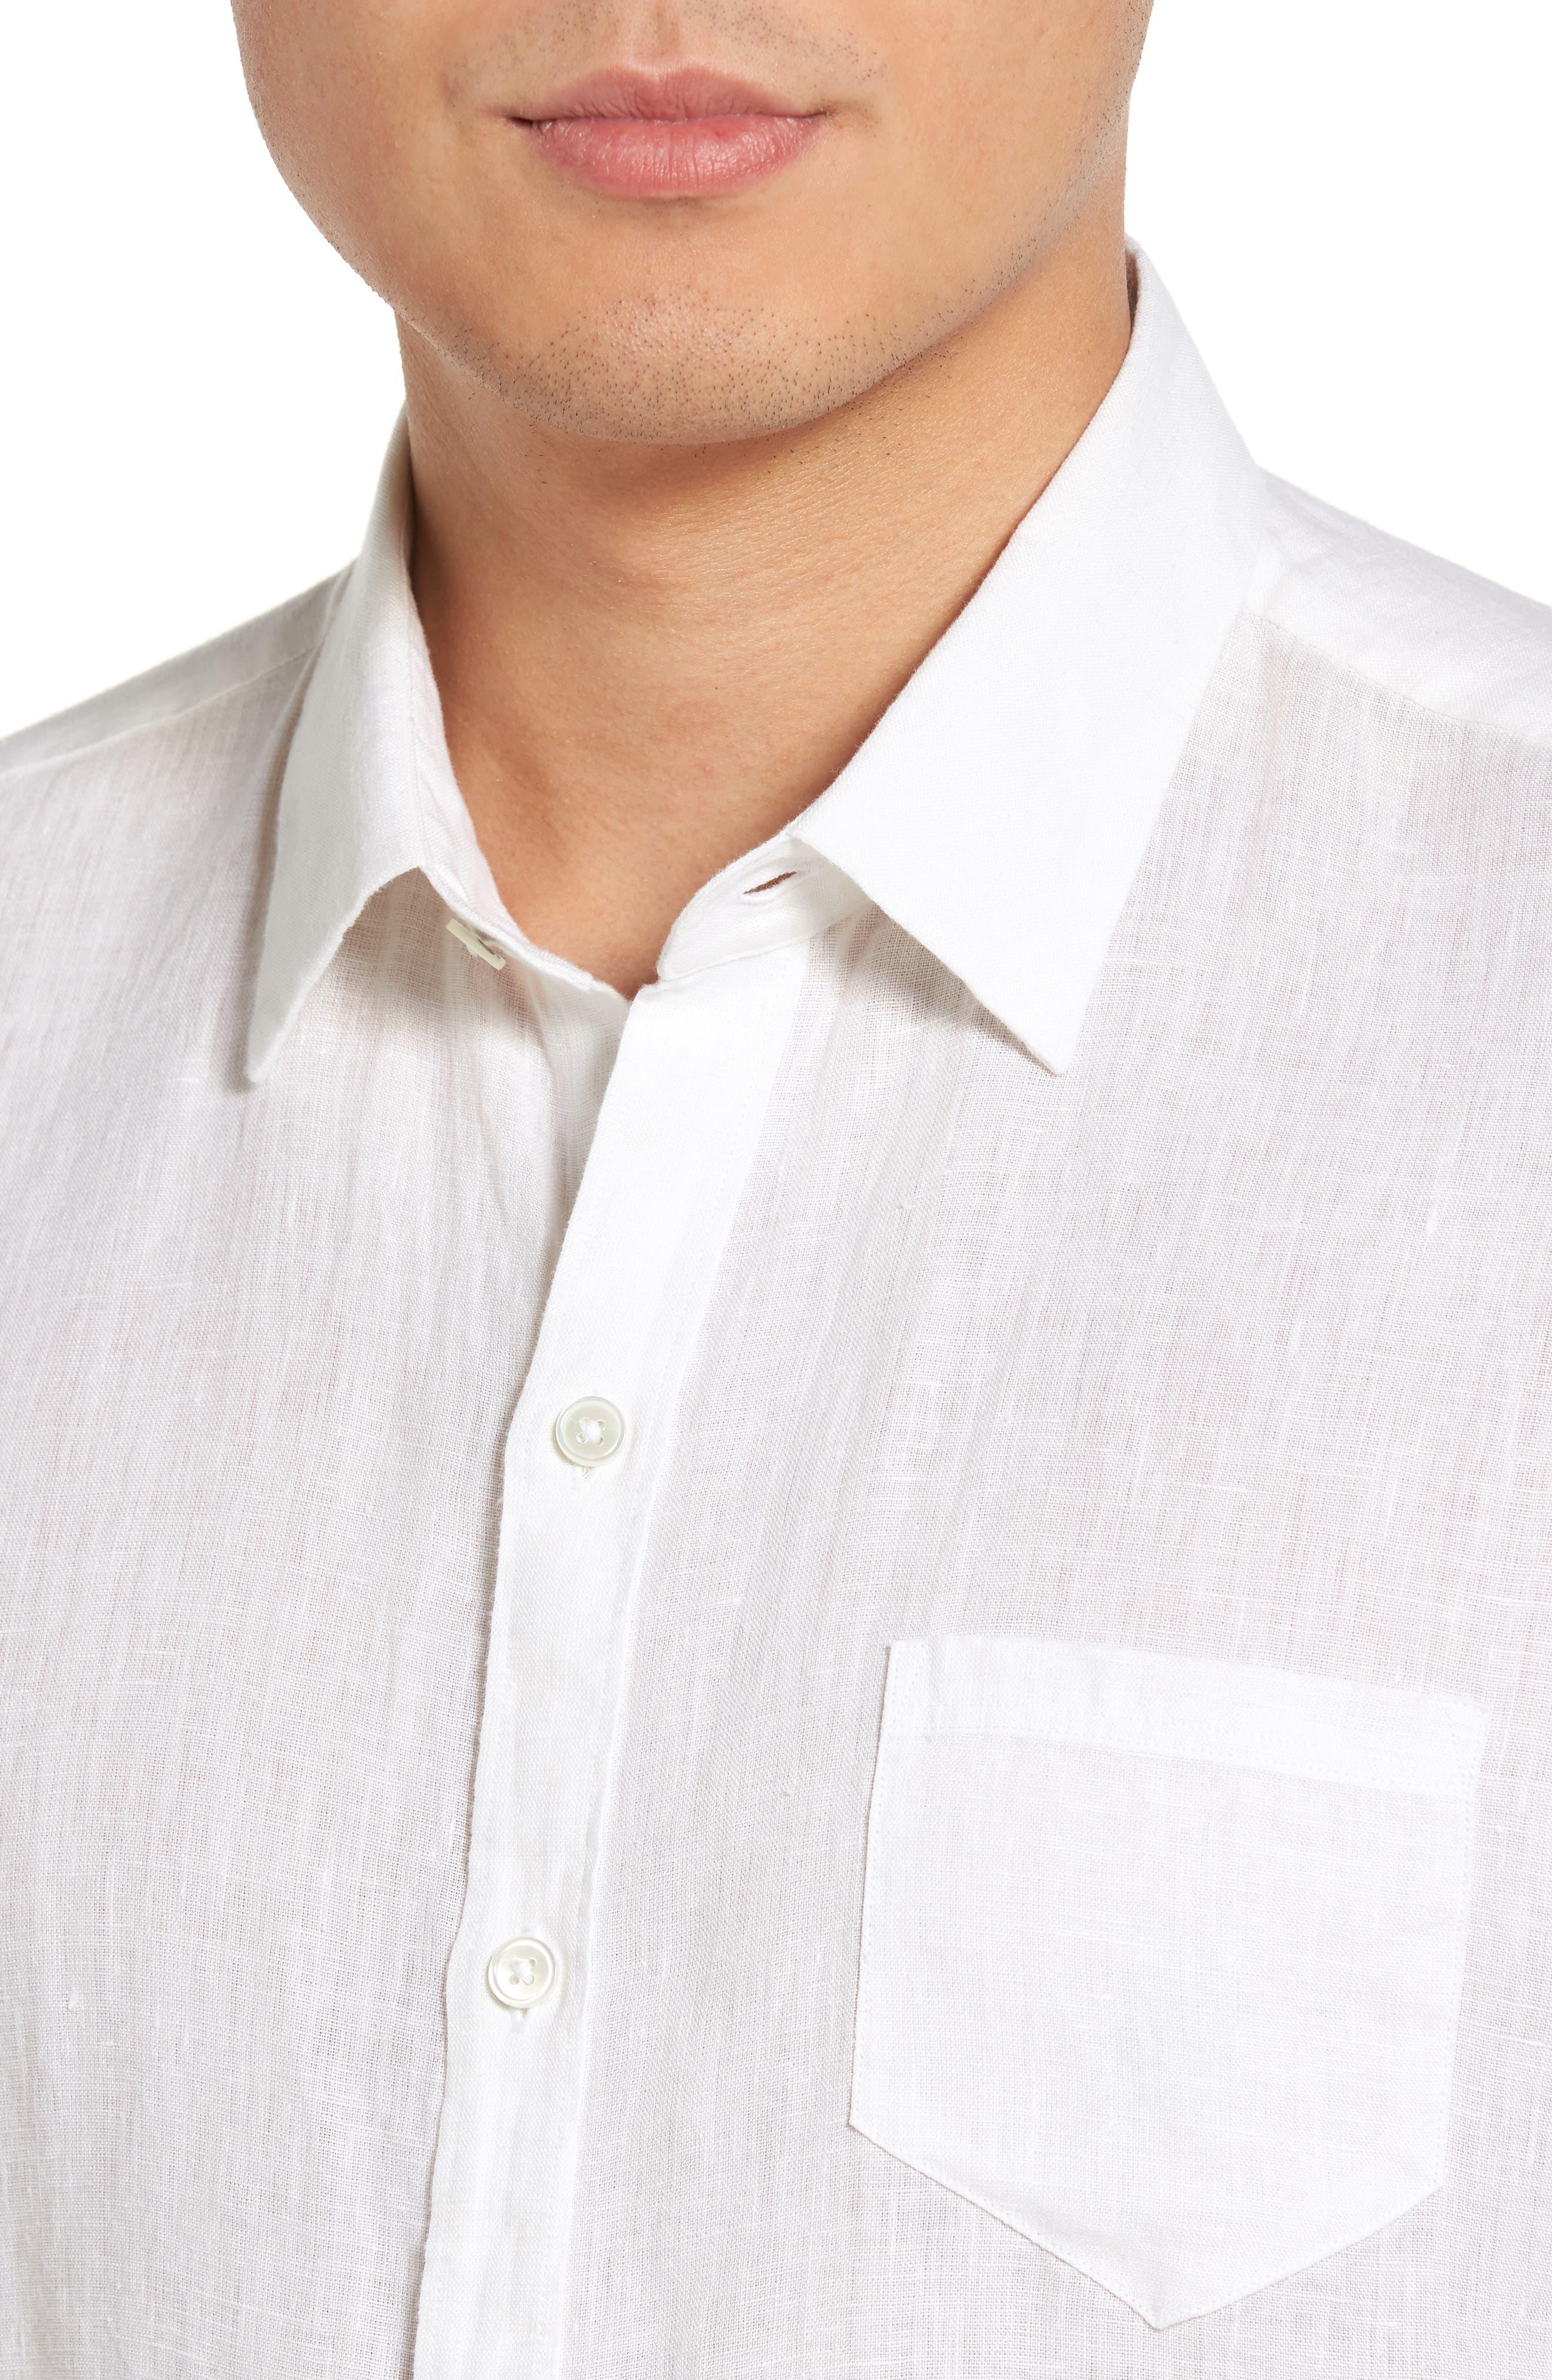 Kaplan Slim Fit Linen Sport Shirt,                             Alternate thumbnail 2, color,                             White